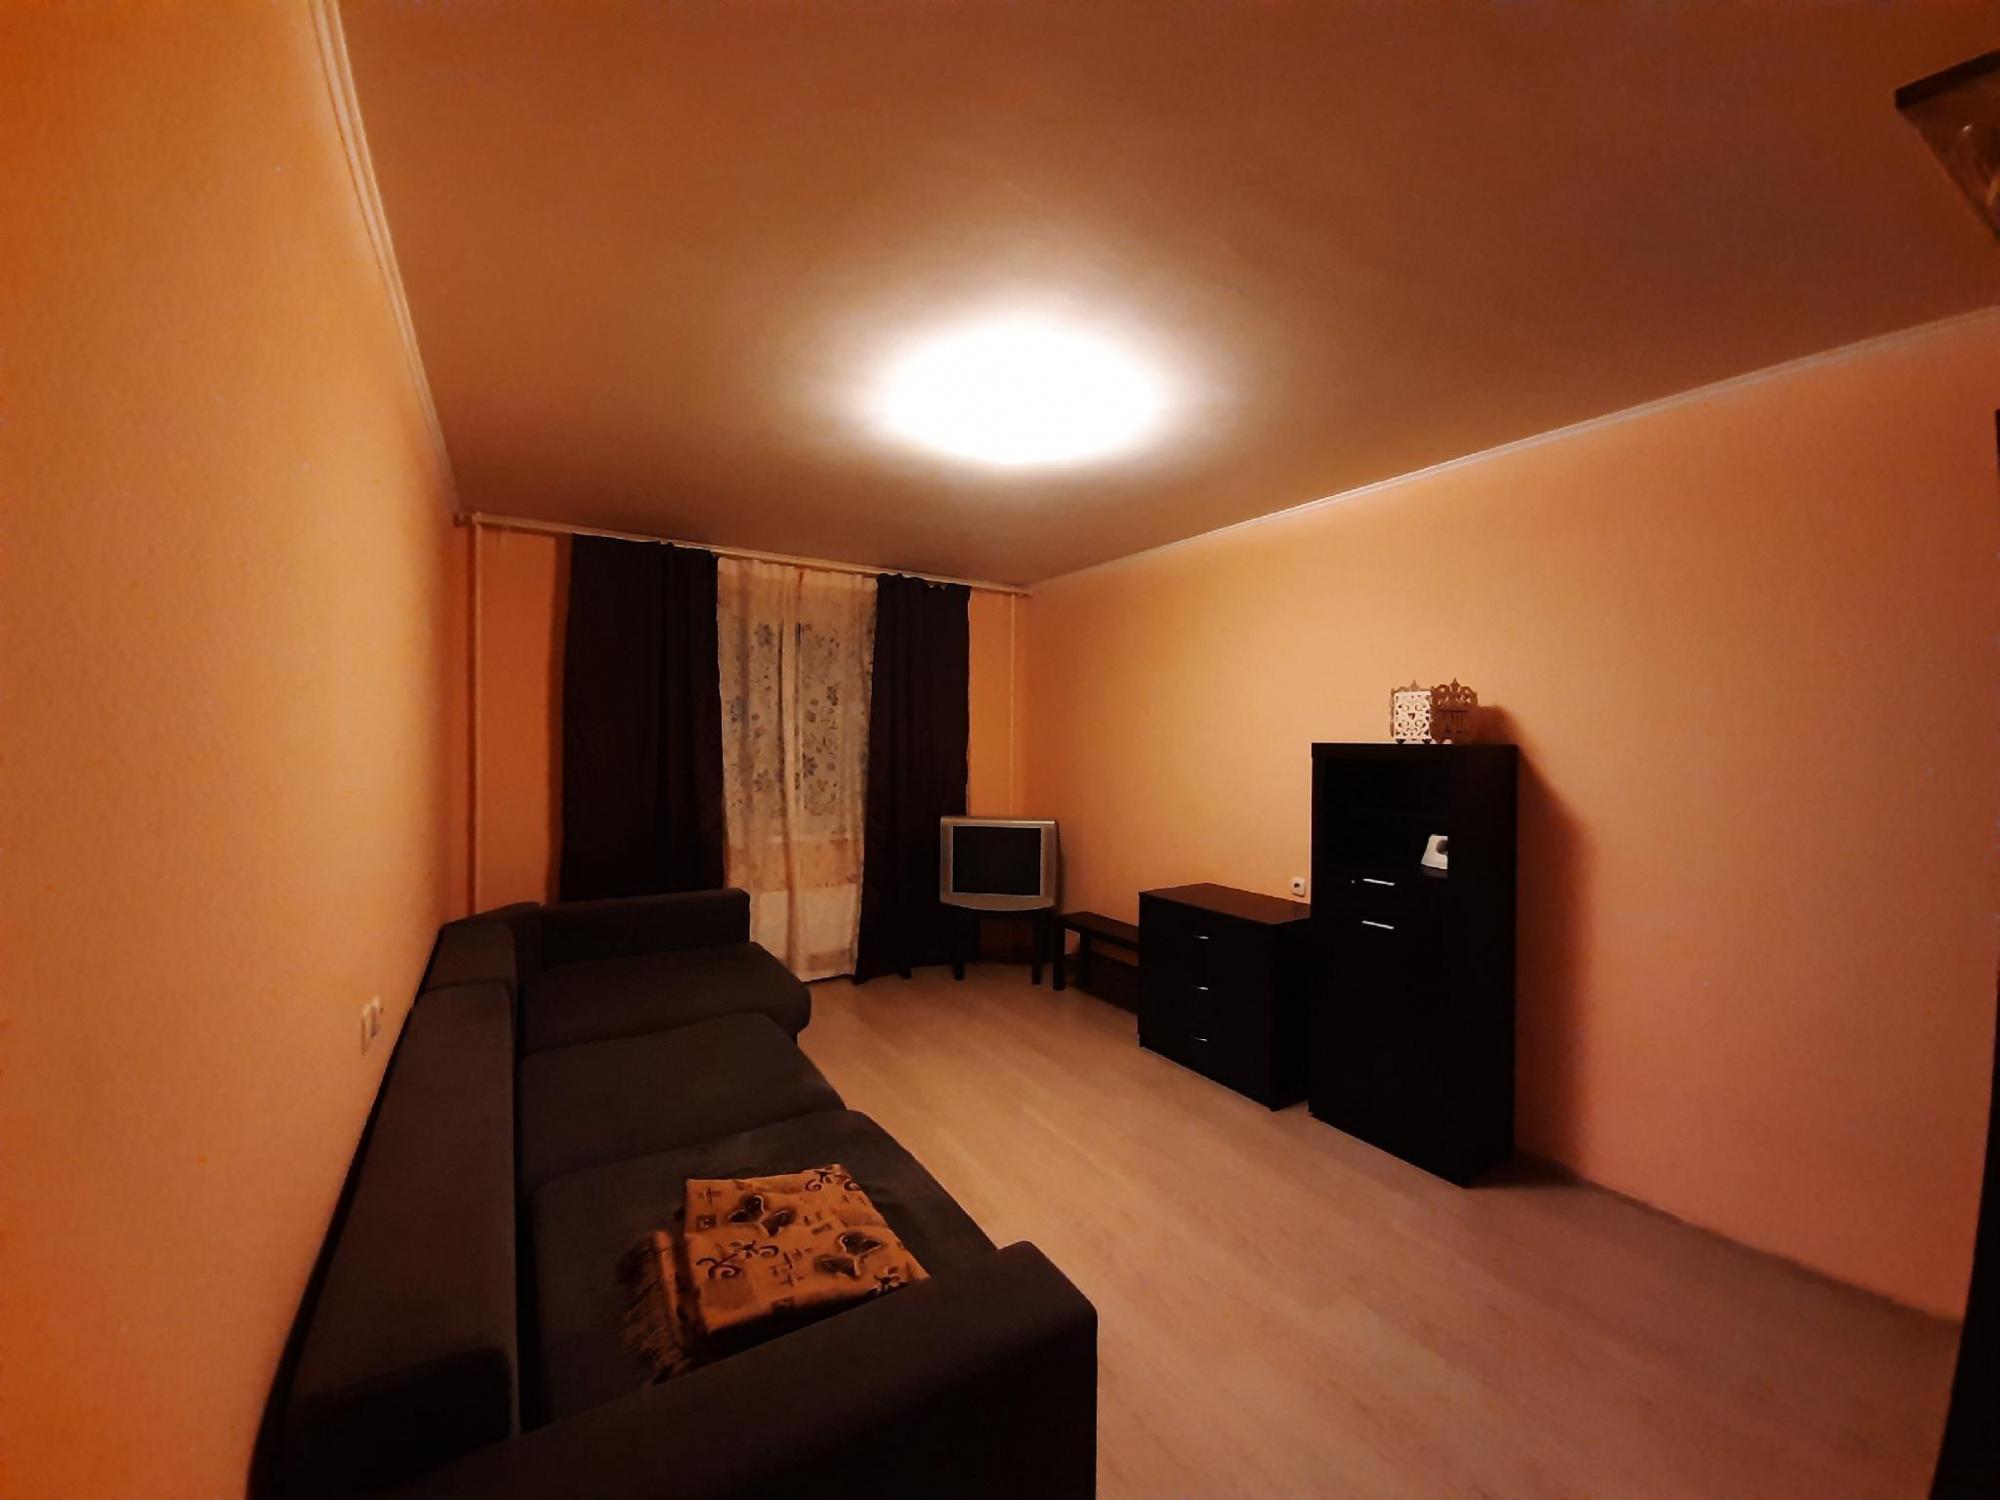 Квартира, 1 комната, 43 м² в Балашихе 74955055051 купить 2